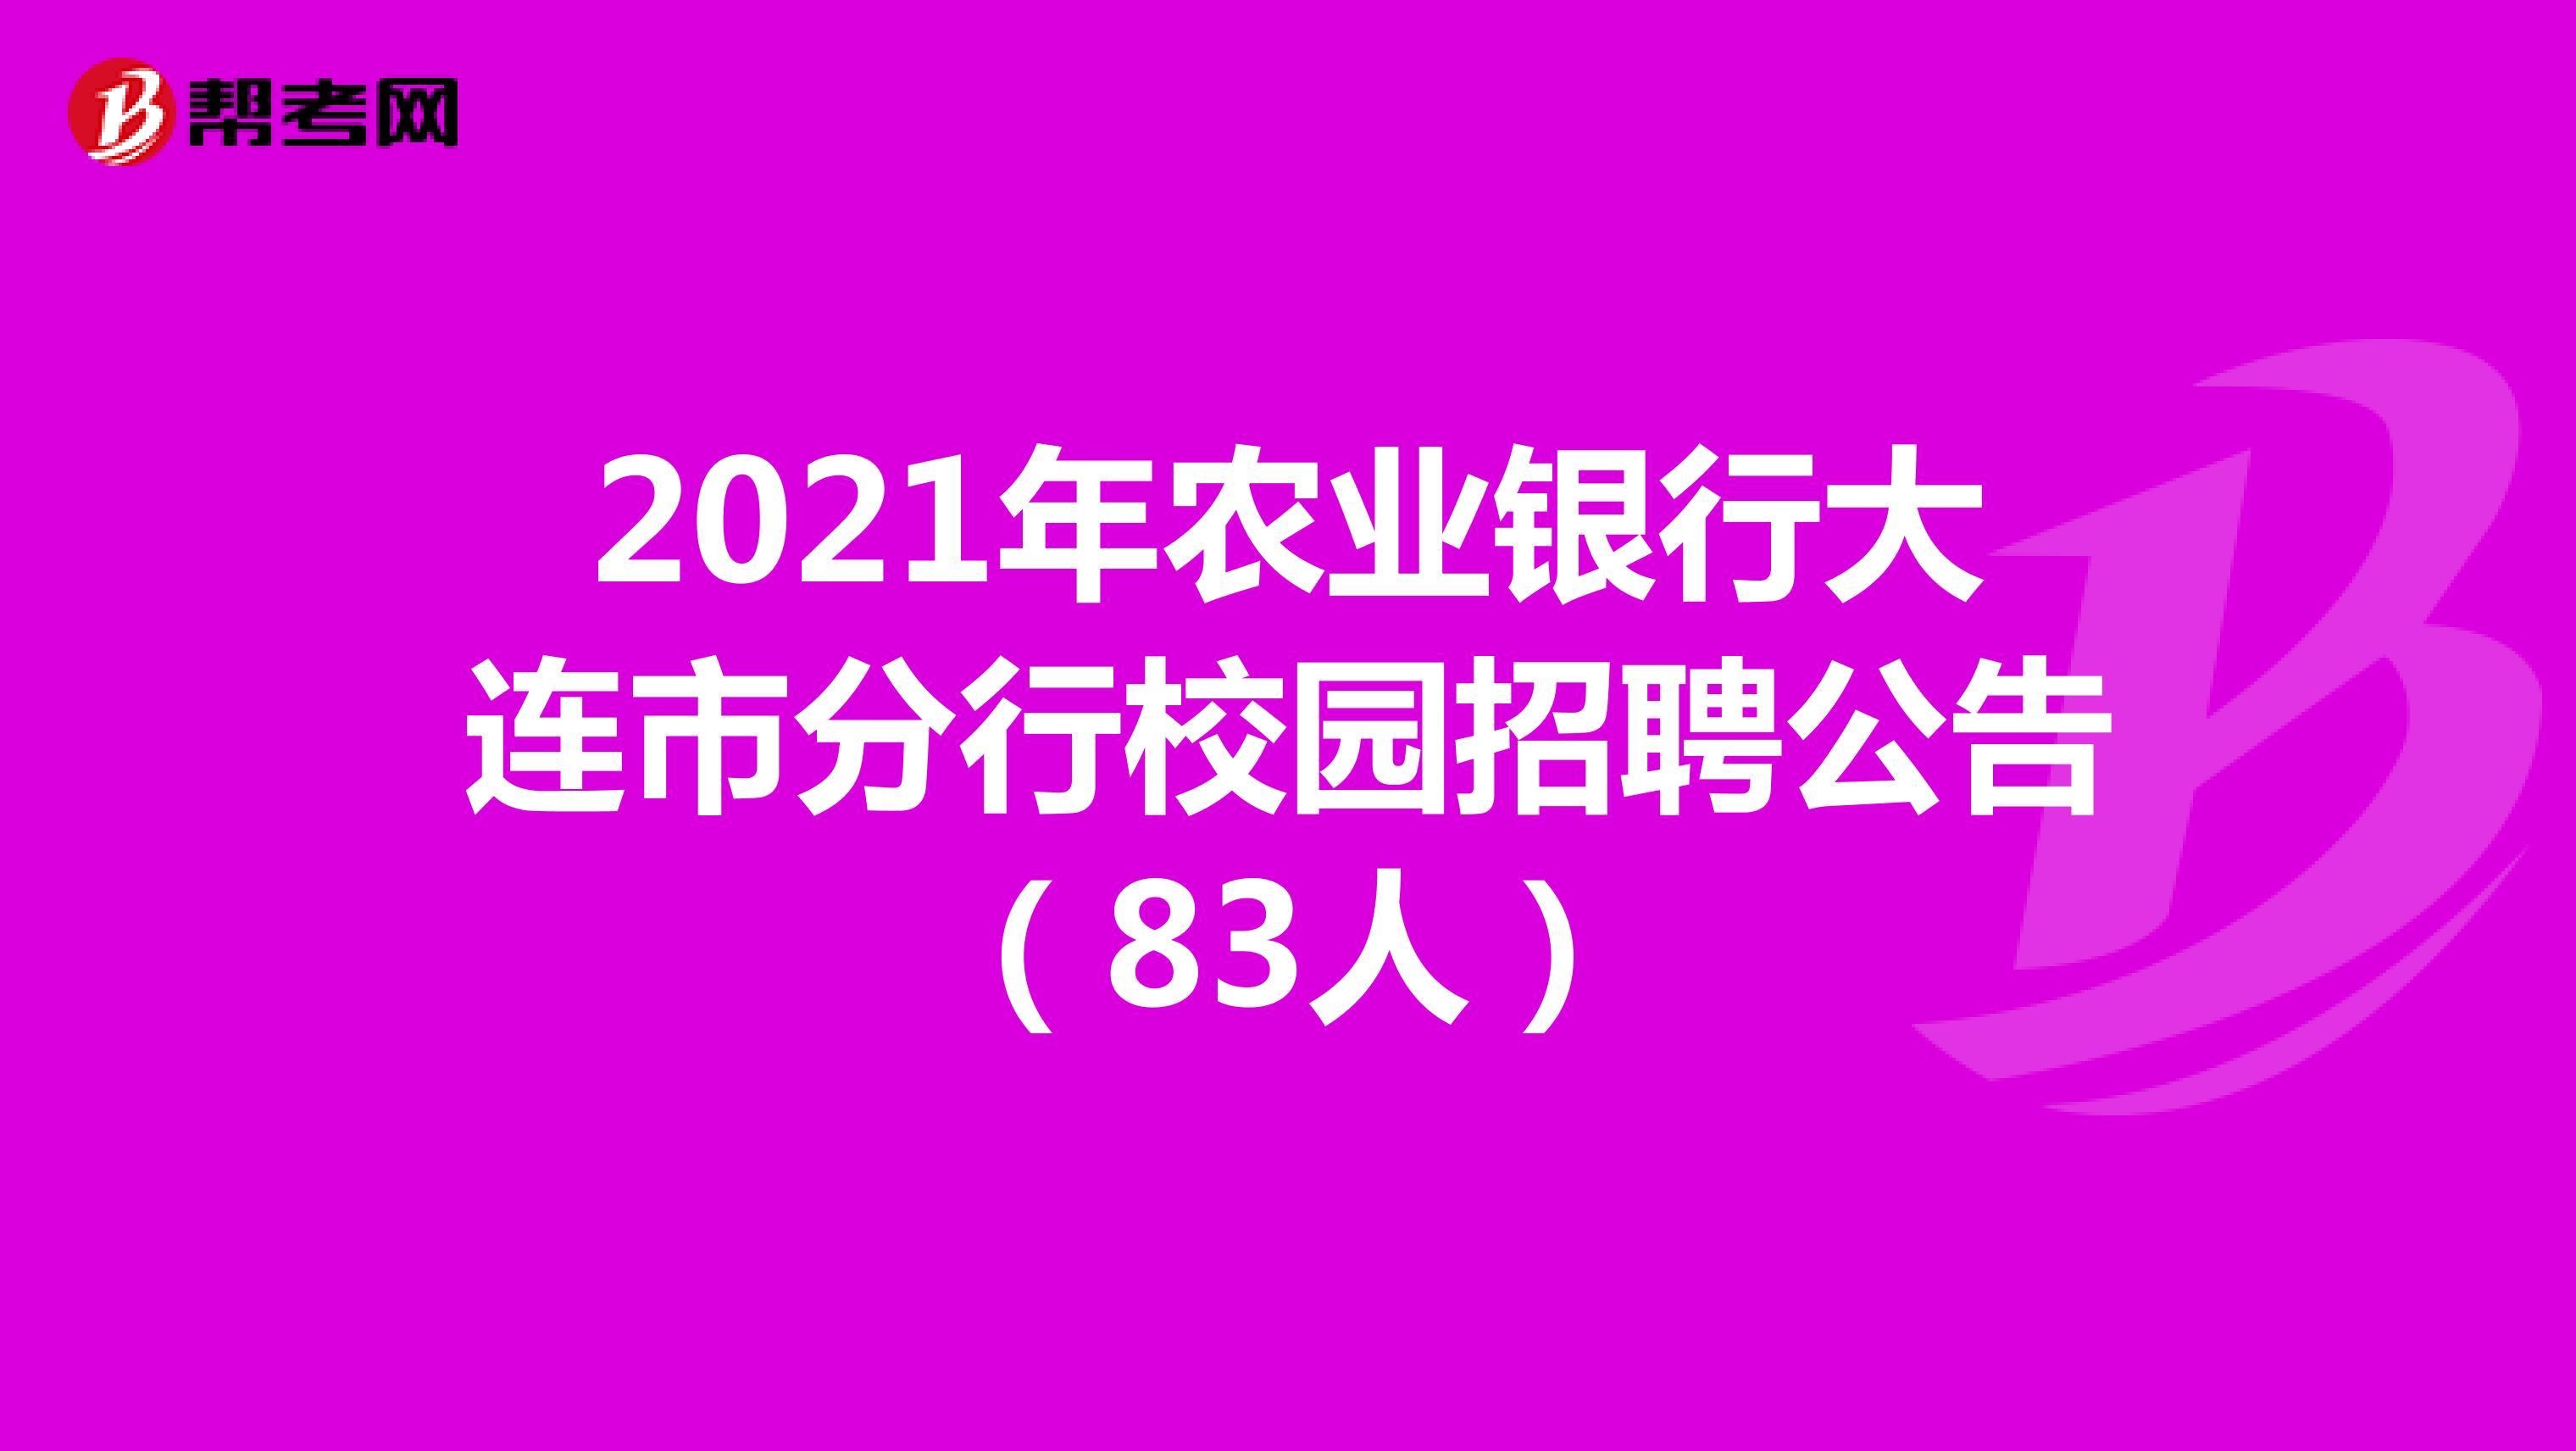 2021年农业银行大连市分行校园招聘公告(83人)